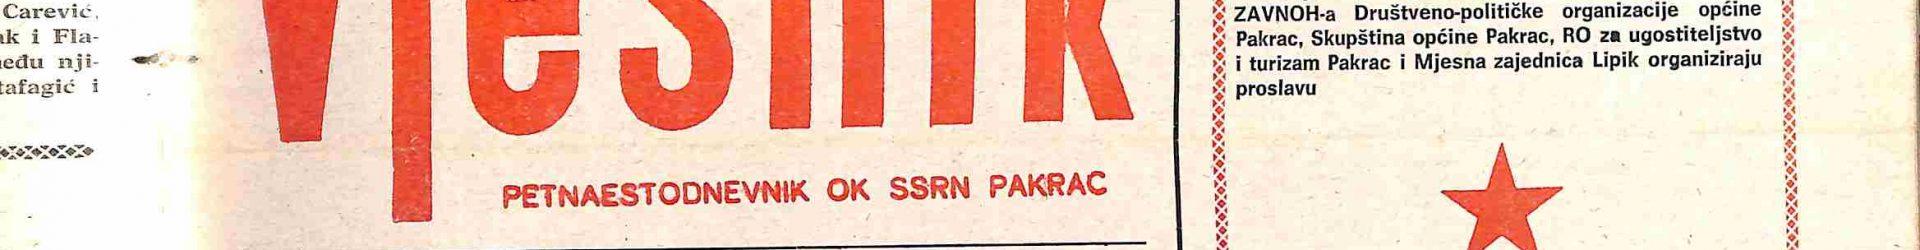 20 svibnja 1983_Page_1